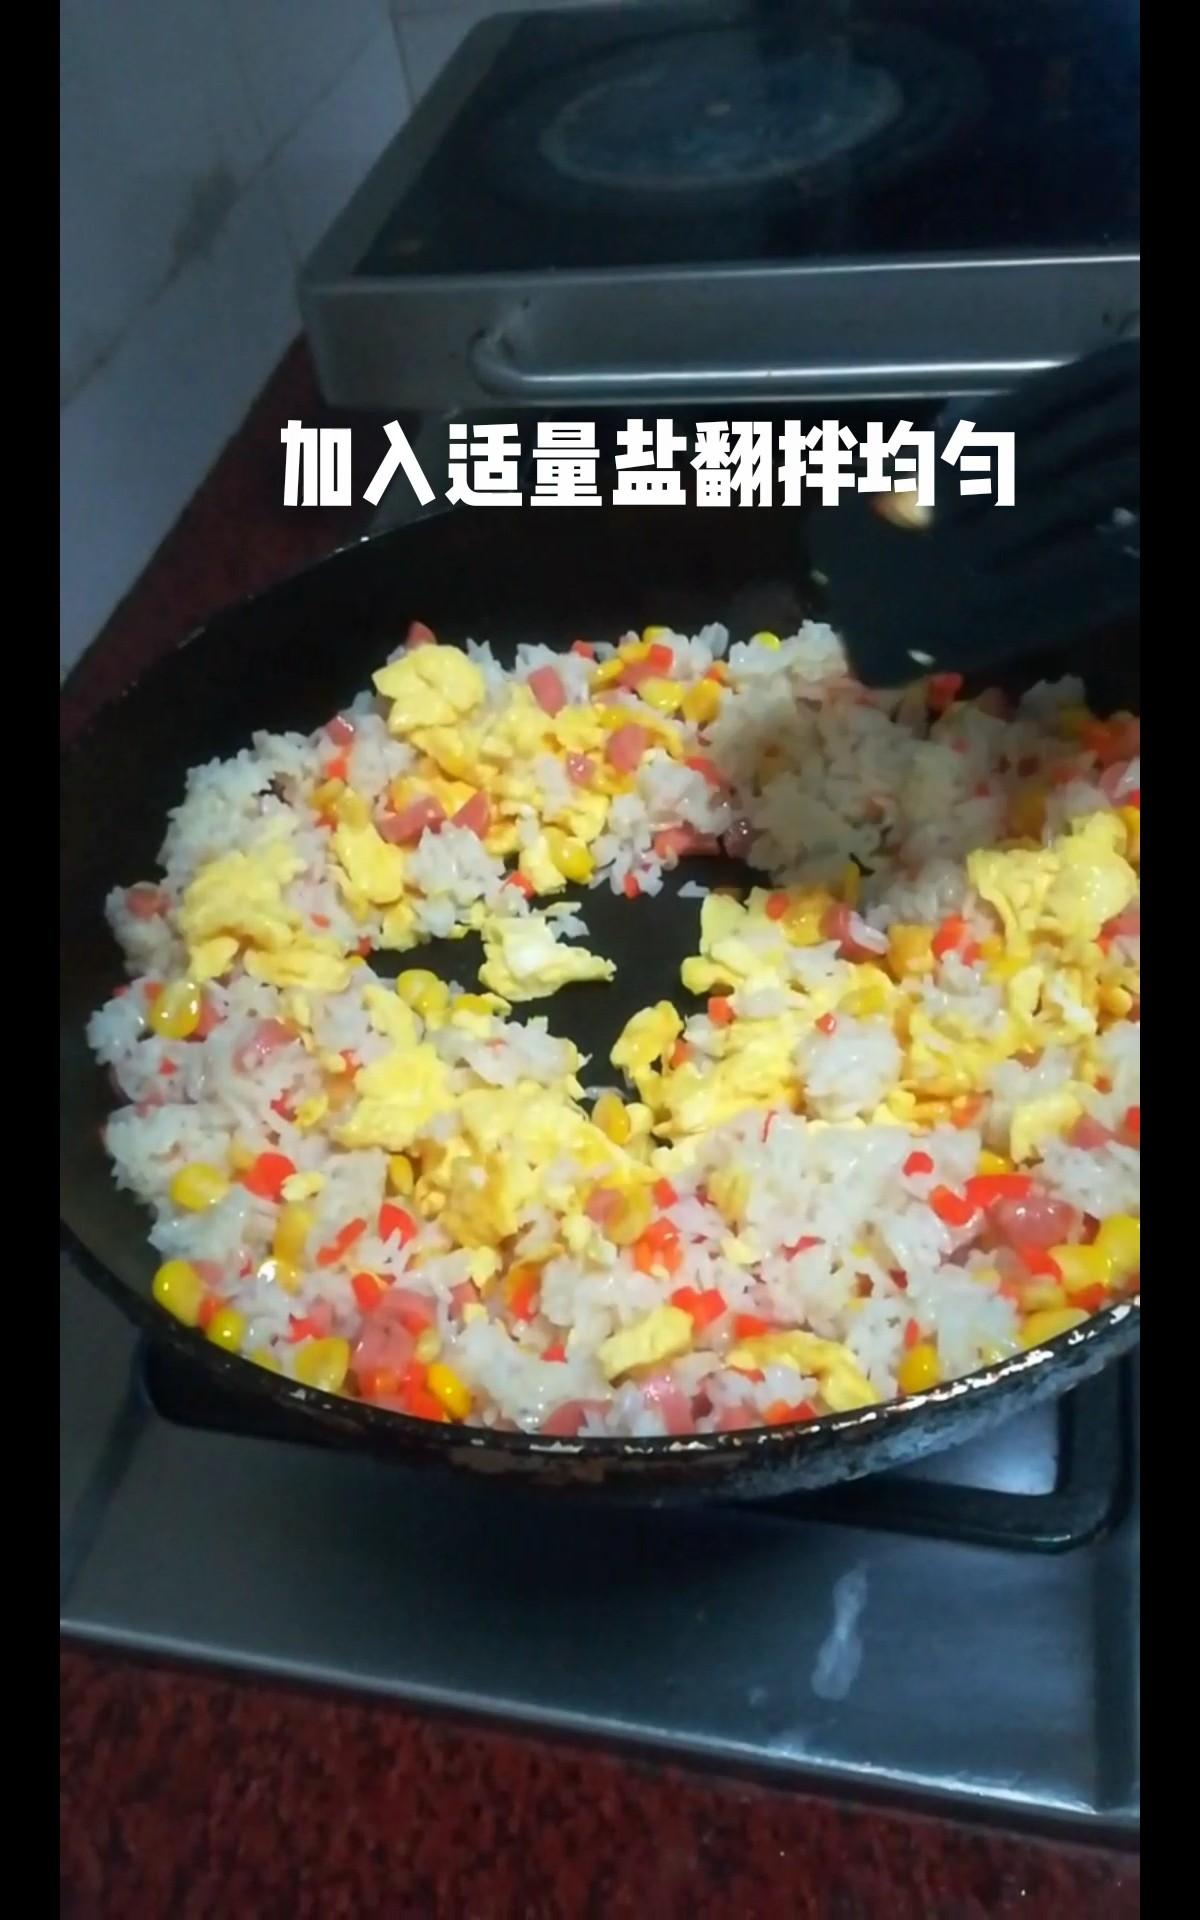 玉米蛋炒饭怎么炒